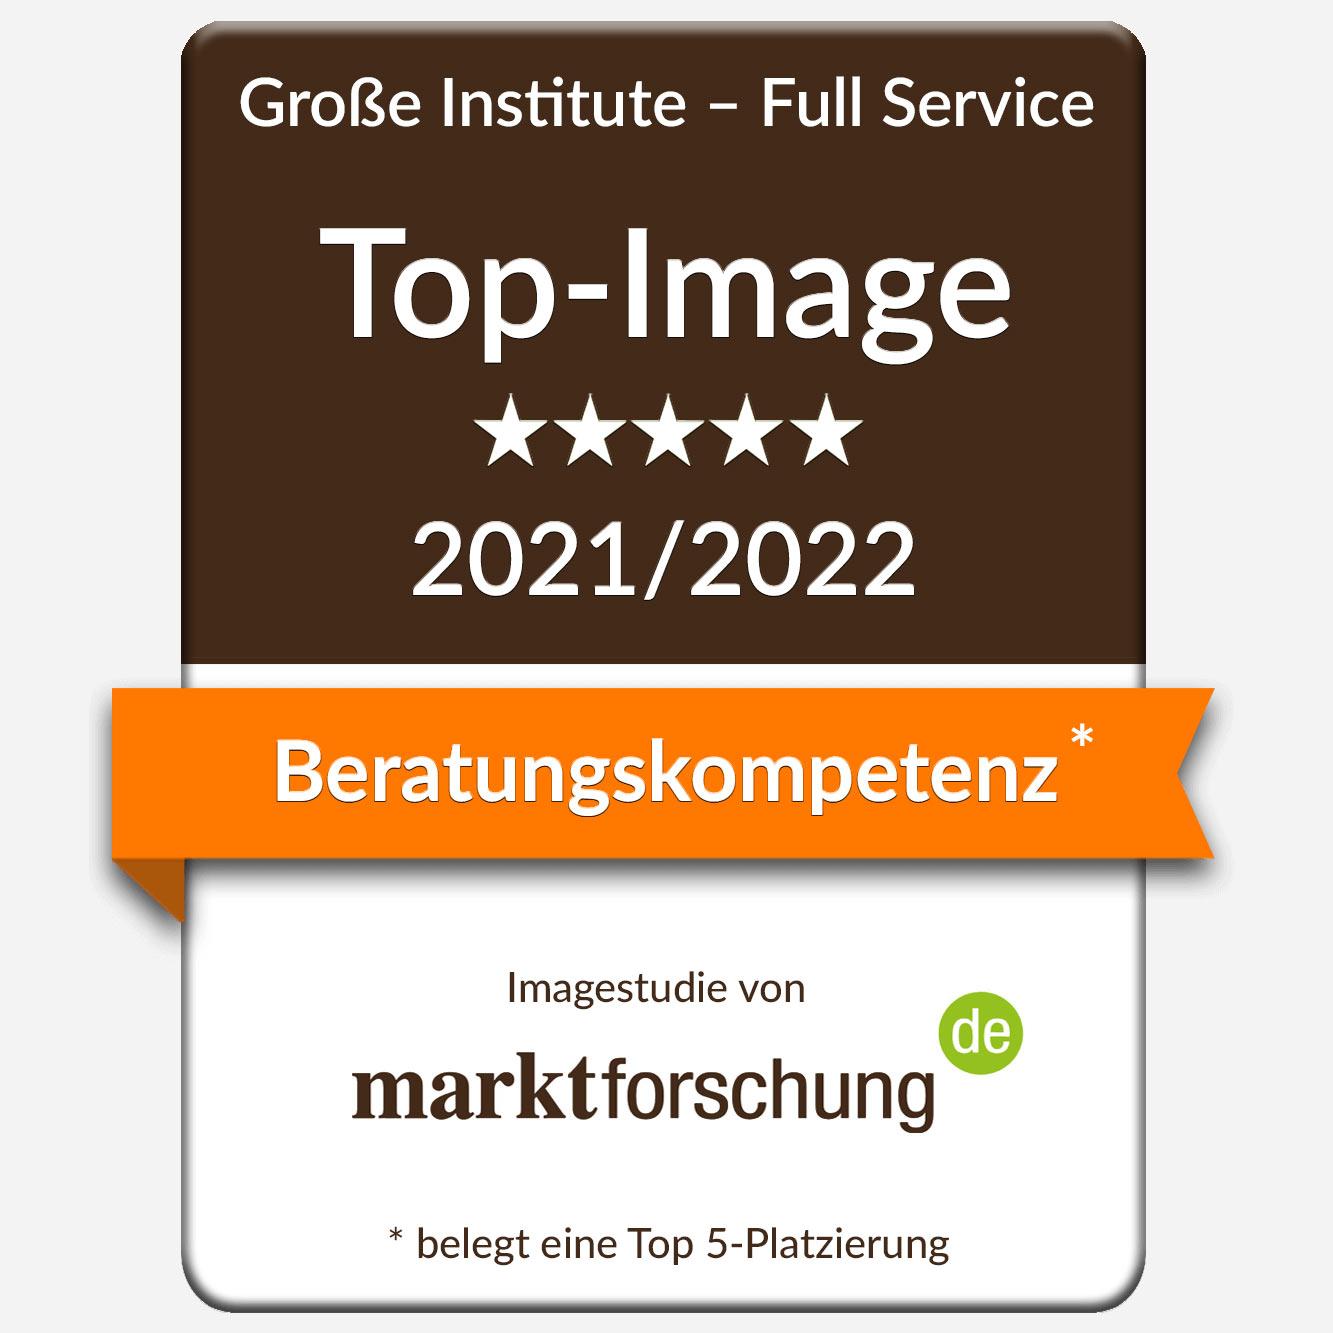 Siegel Imagestudie zur Beratungskompetenz von marktforschung.de